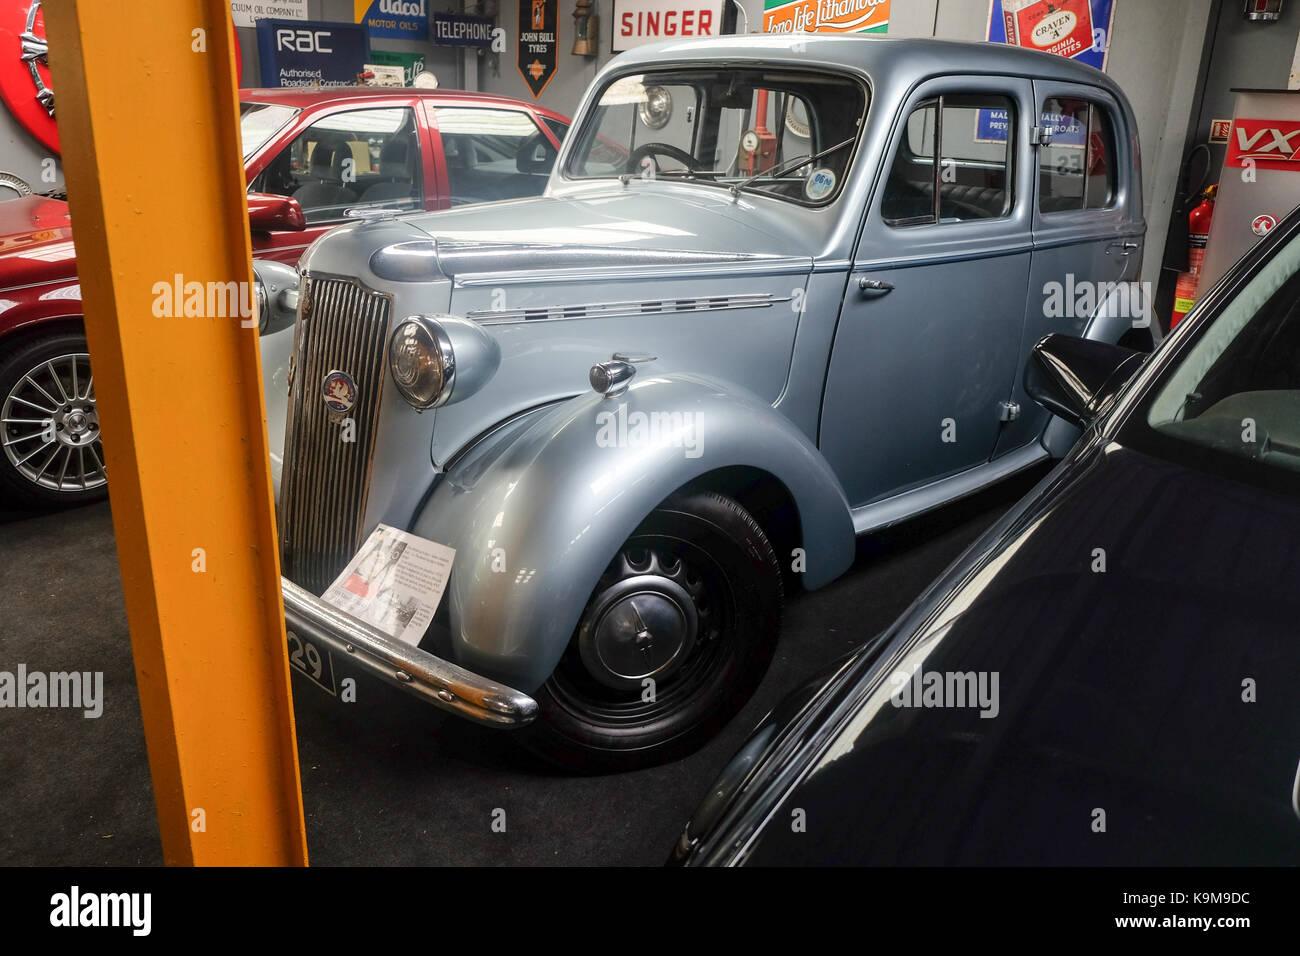 Vintage grey motorcar in workshop - Stock Image